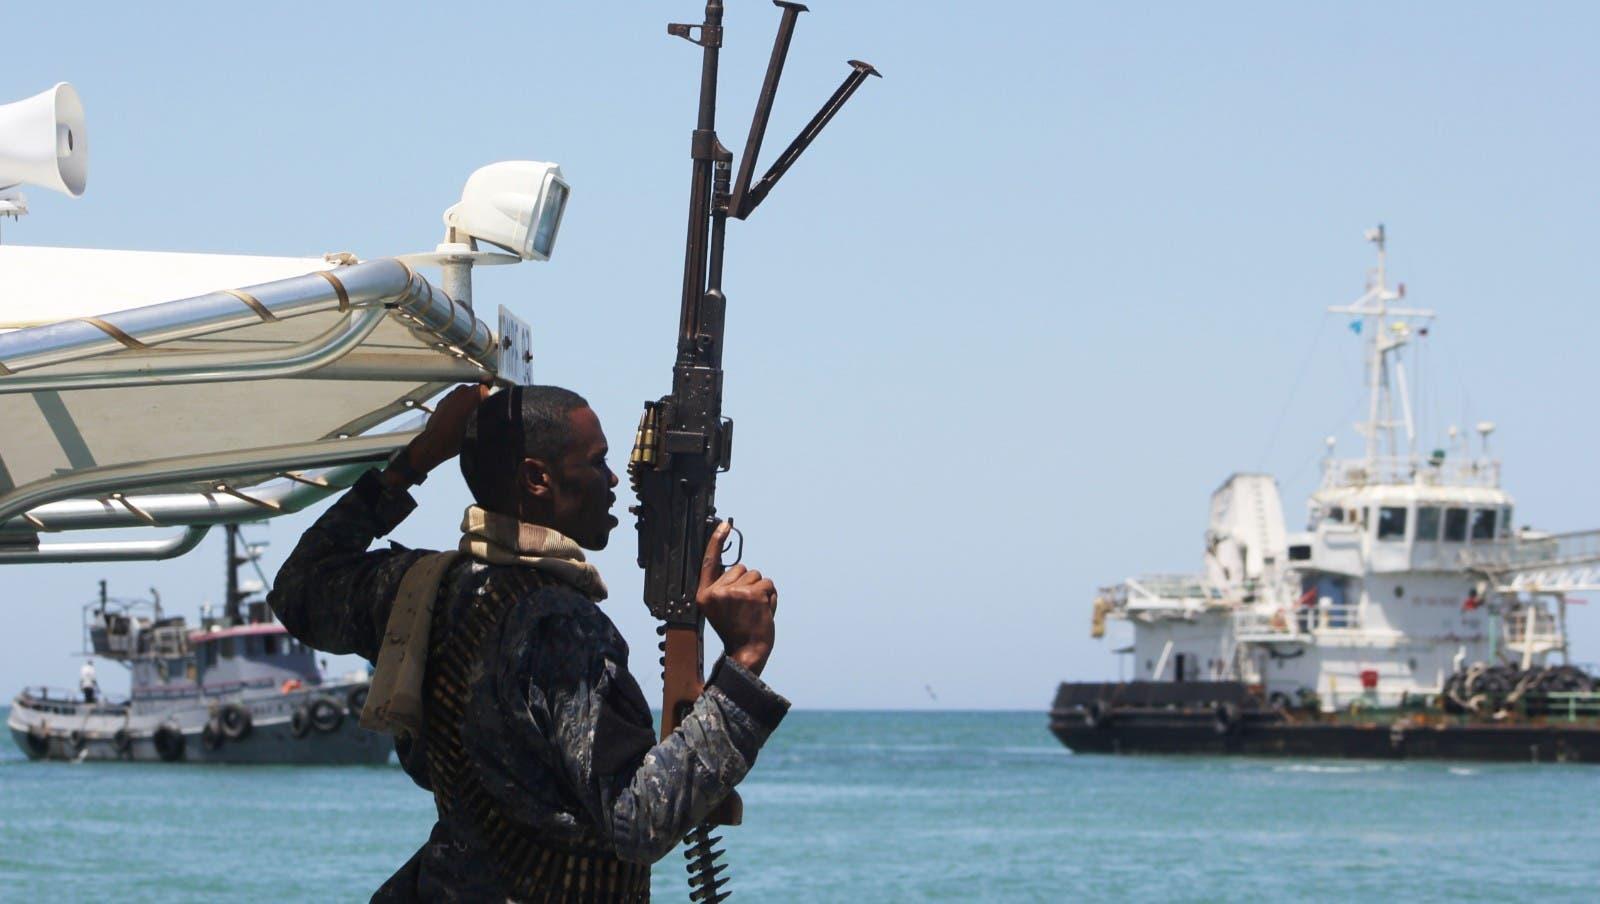 Hong Kong-flagged ship attacked by Somali pirates